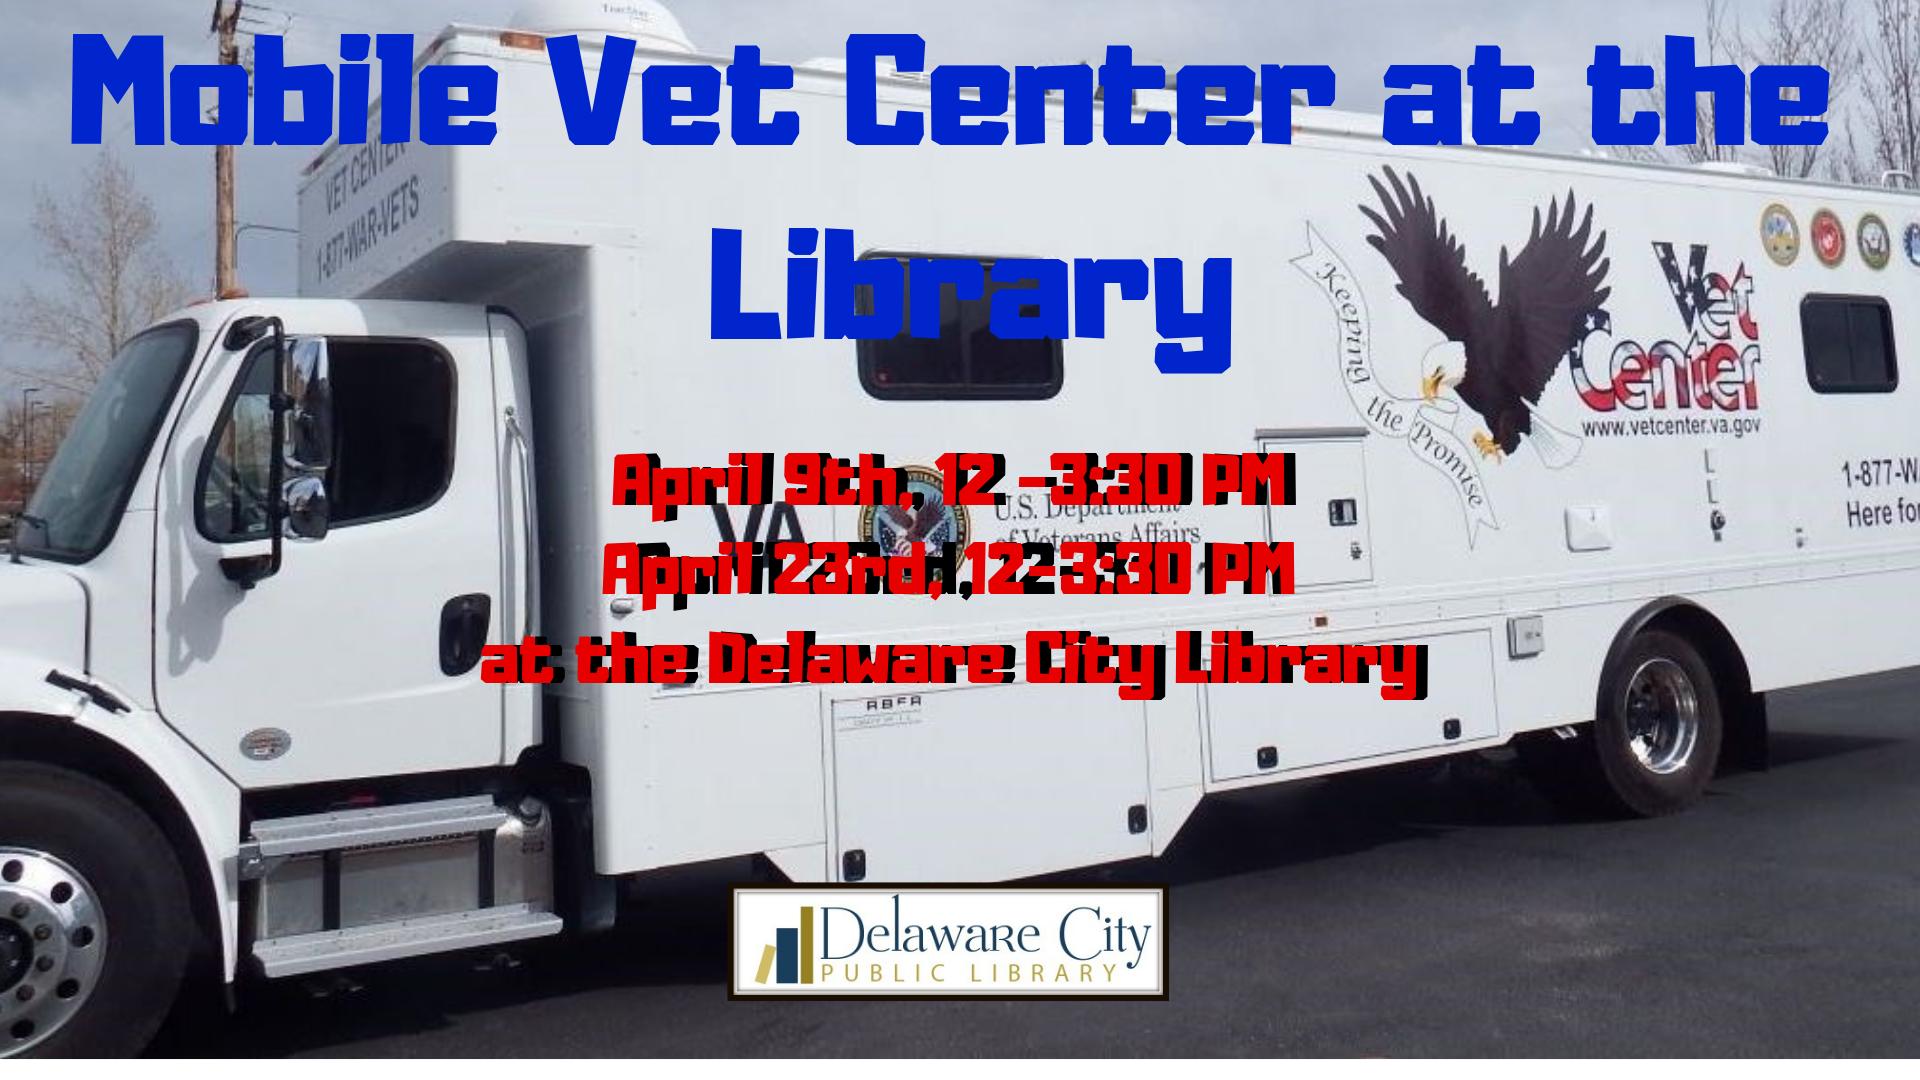 Mobile Vet Center Visit